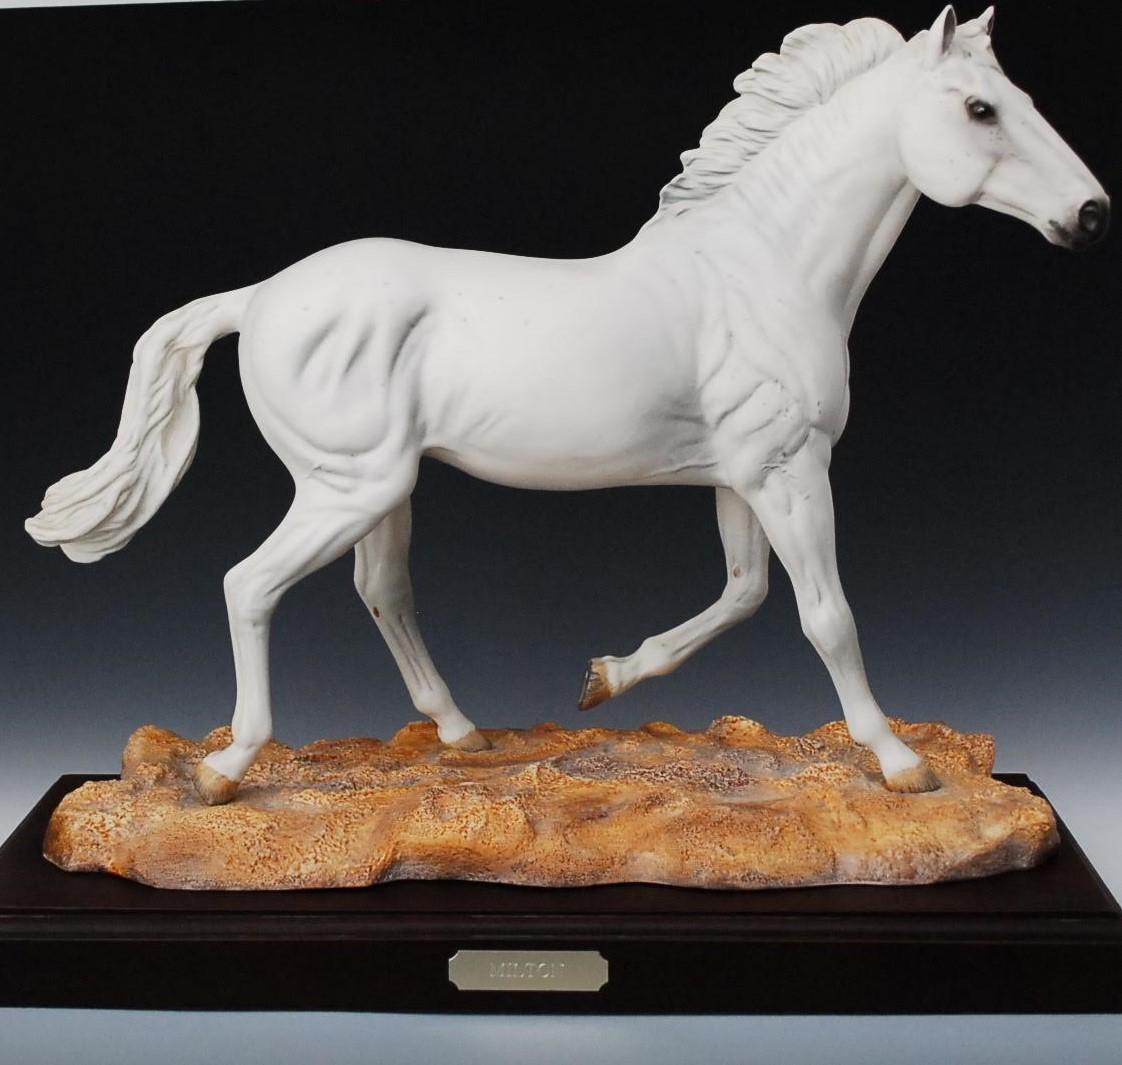 ロイヤル・ドルトン ミルトン 大型 馬 ホース 置物 限定 DA245 milton 白馬 ホワイトホース フィギュリン Royal Doulton 英国製 イギリス